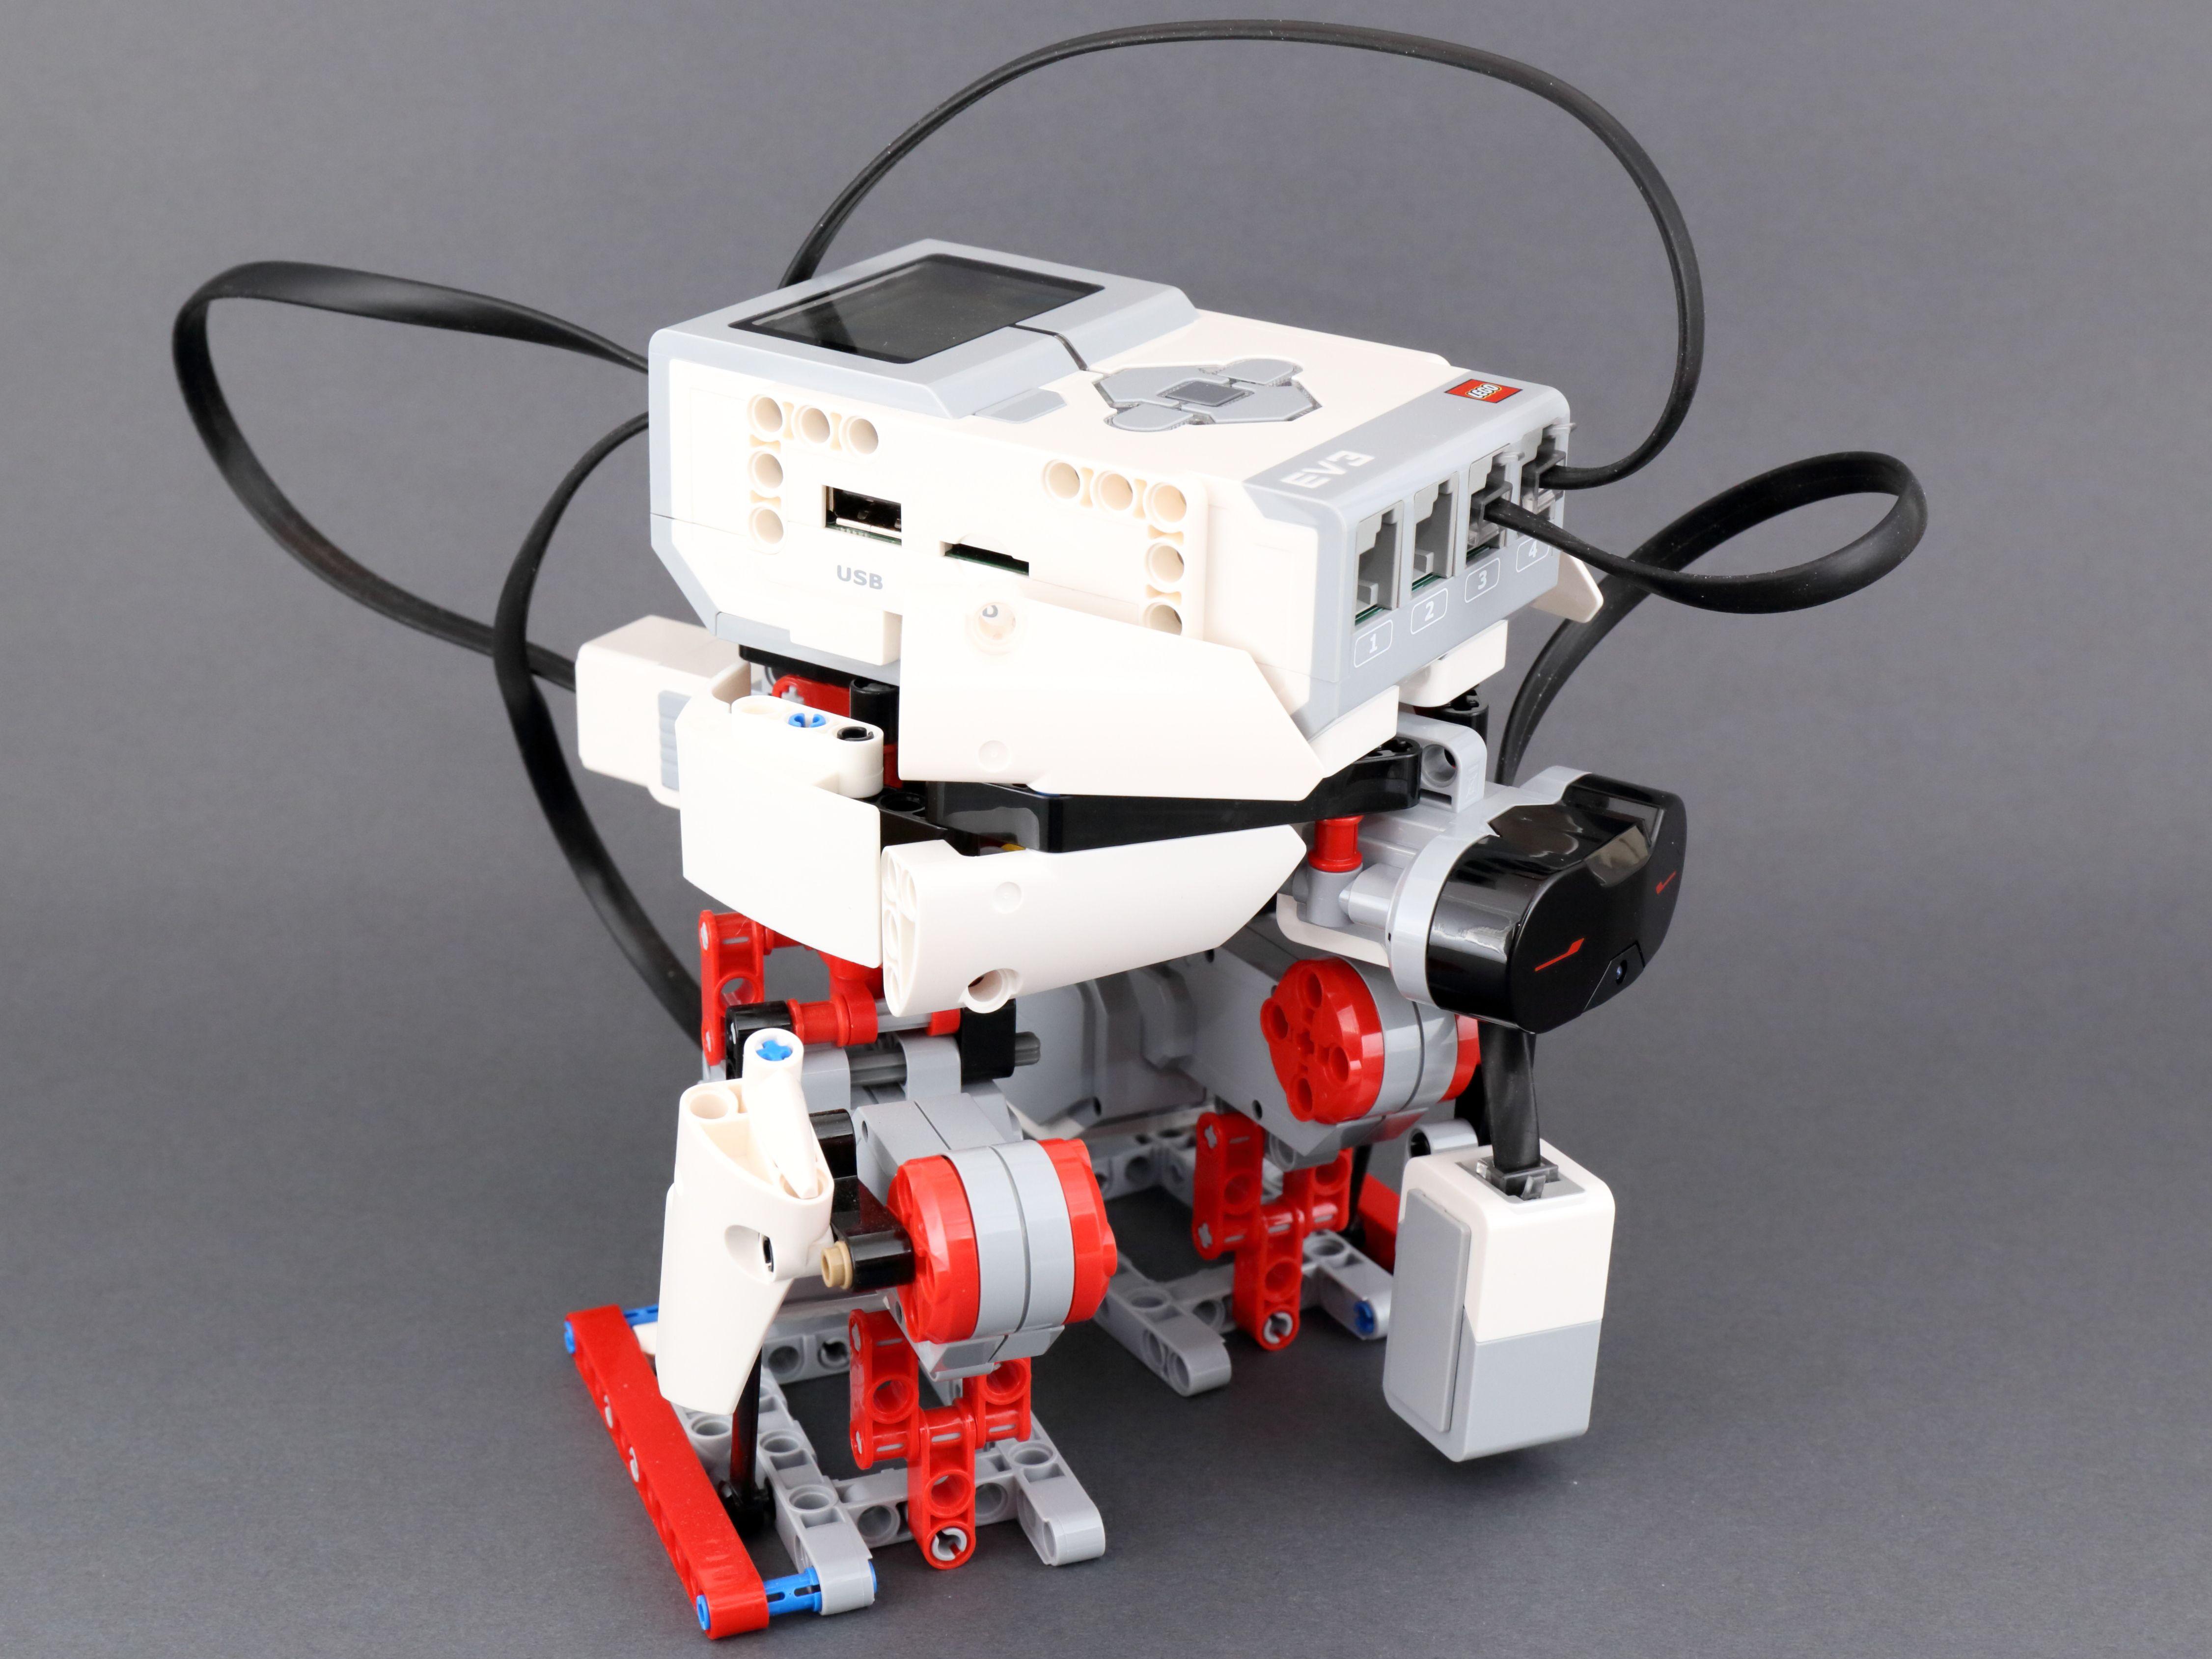 Biped robot with EV3 | Geek | Lego robot, Lego mindstorms